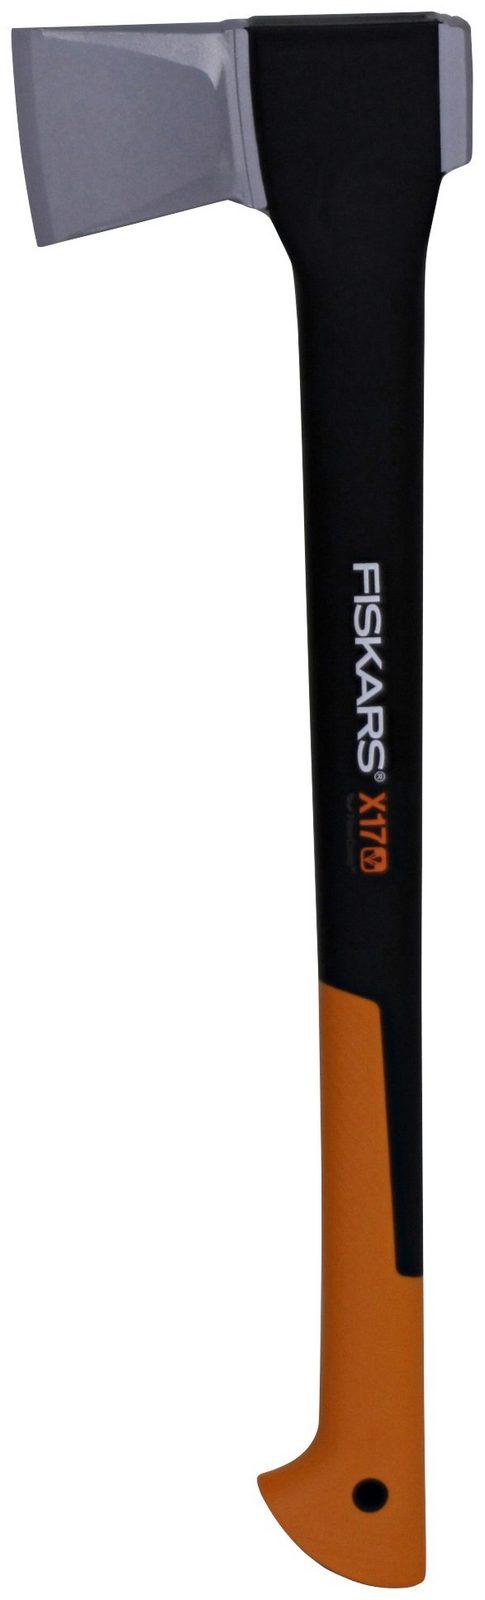 FISKARS Spaltaxt »X17-M«, für mittelgroße Stammstücke von 20-30 cm jetztbilligerkaufen